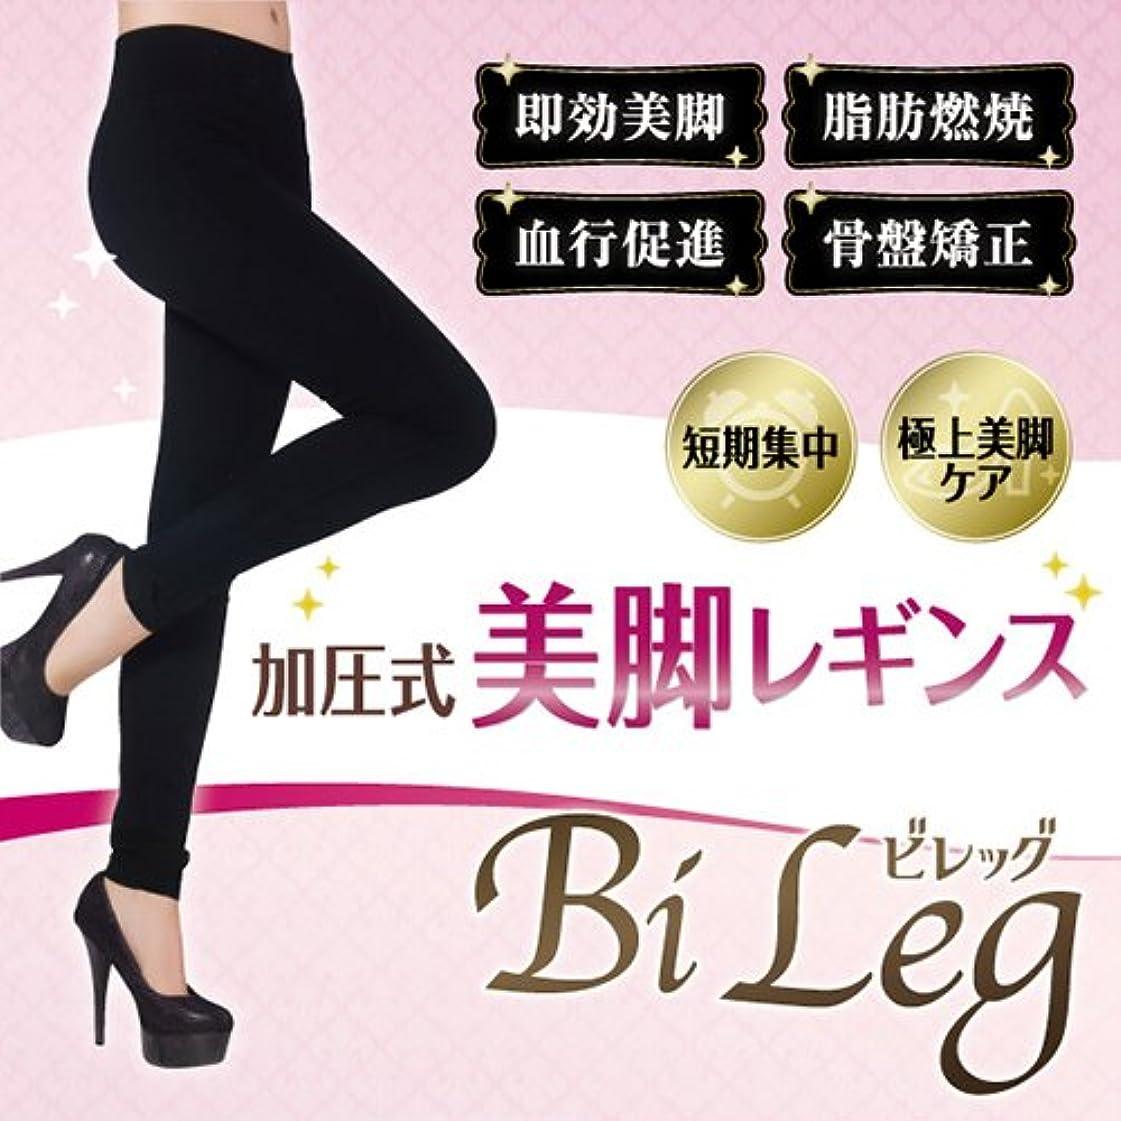 抑圧里親不誠実【送料無料3個セット】Bi Leg-ビレッグ-